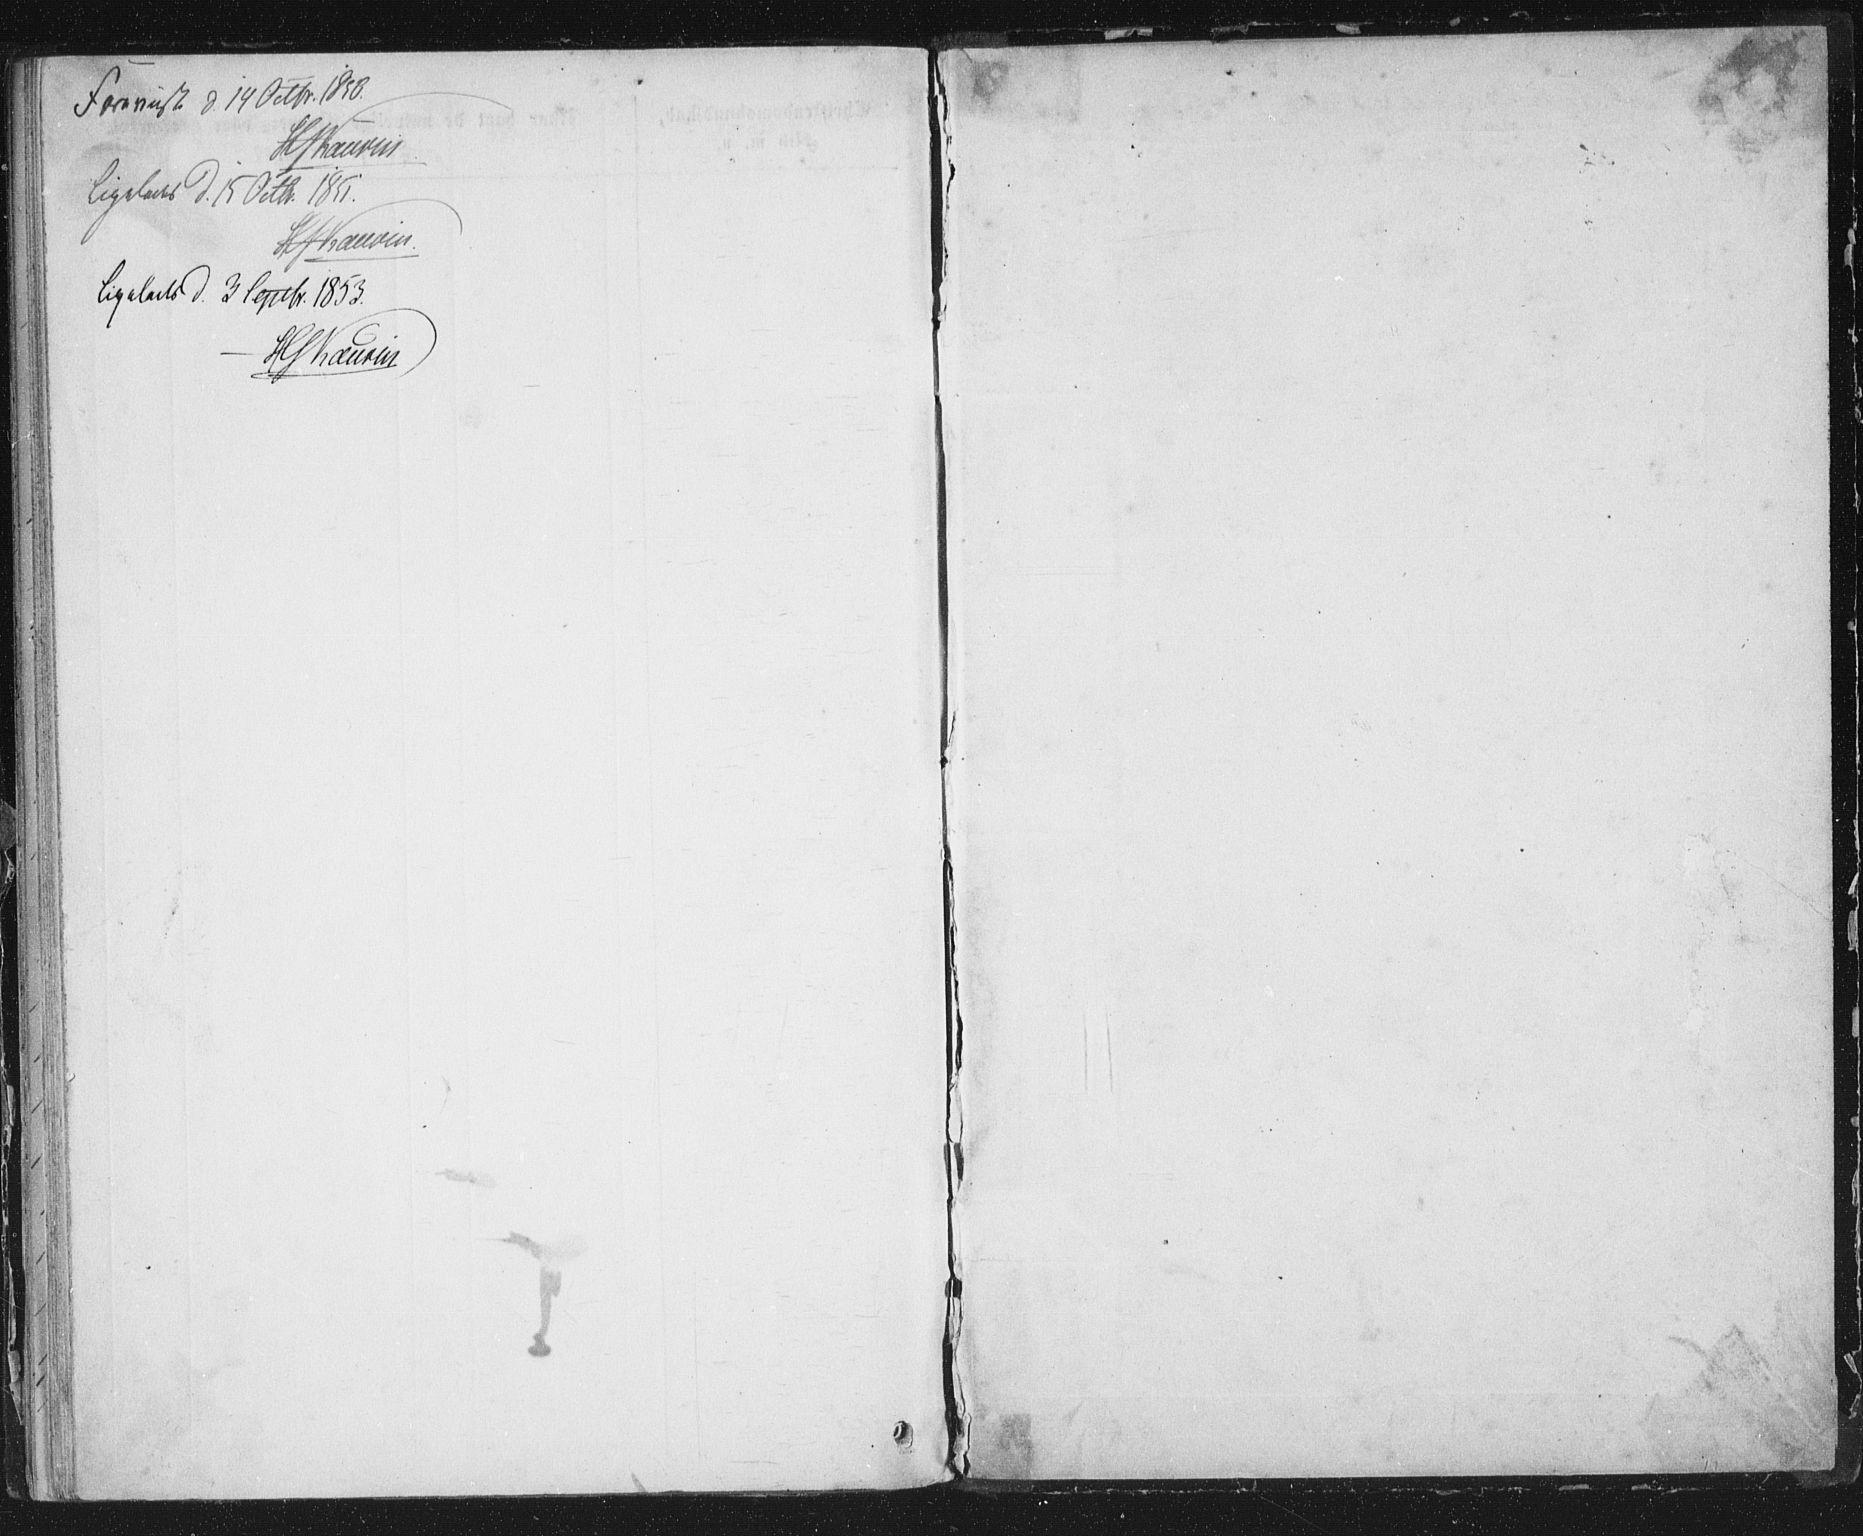 SAT, Ministerialprotokoller, klokkerbøker og fødselsregistre - Sør-Trøndelag, 691/L1075: Ministerialbok nr. 691A07, 1850-1852